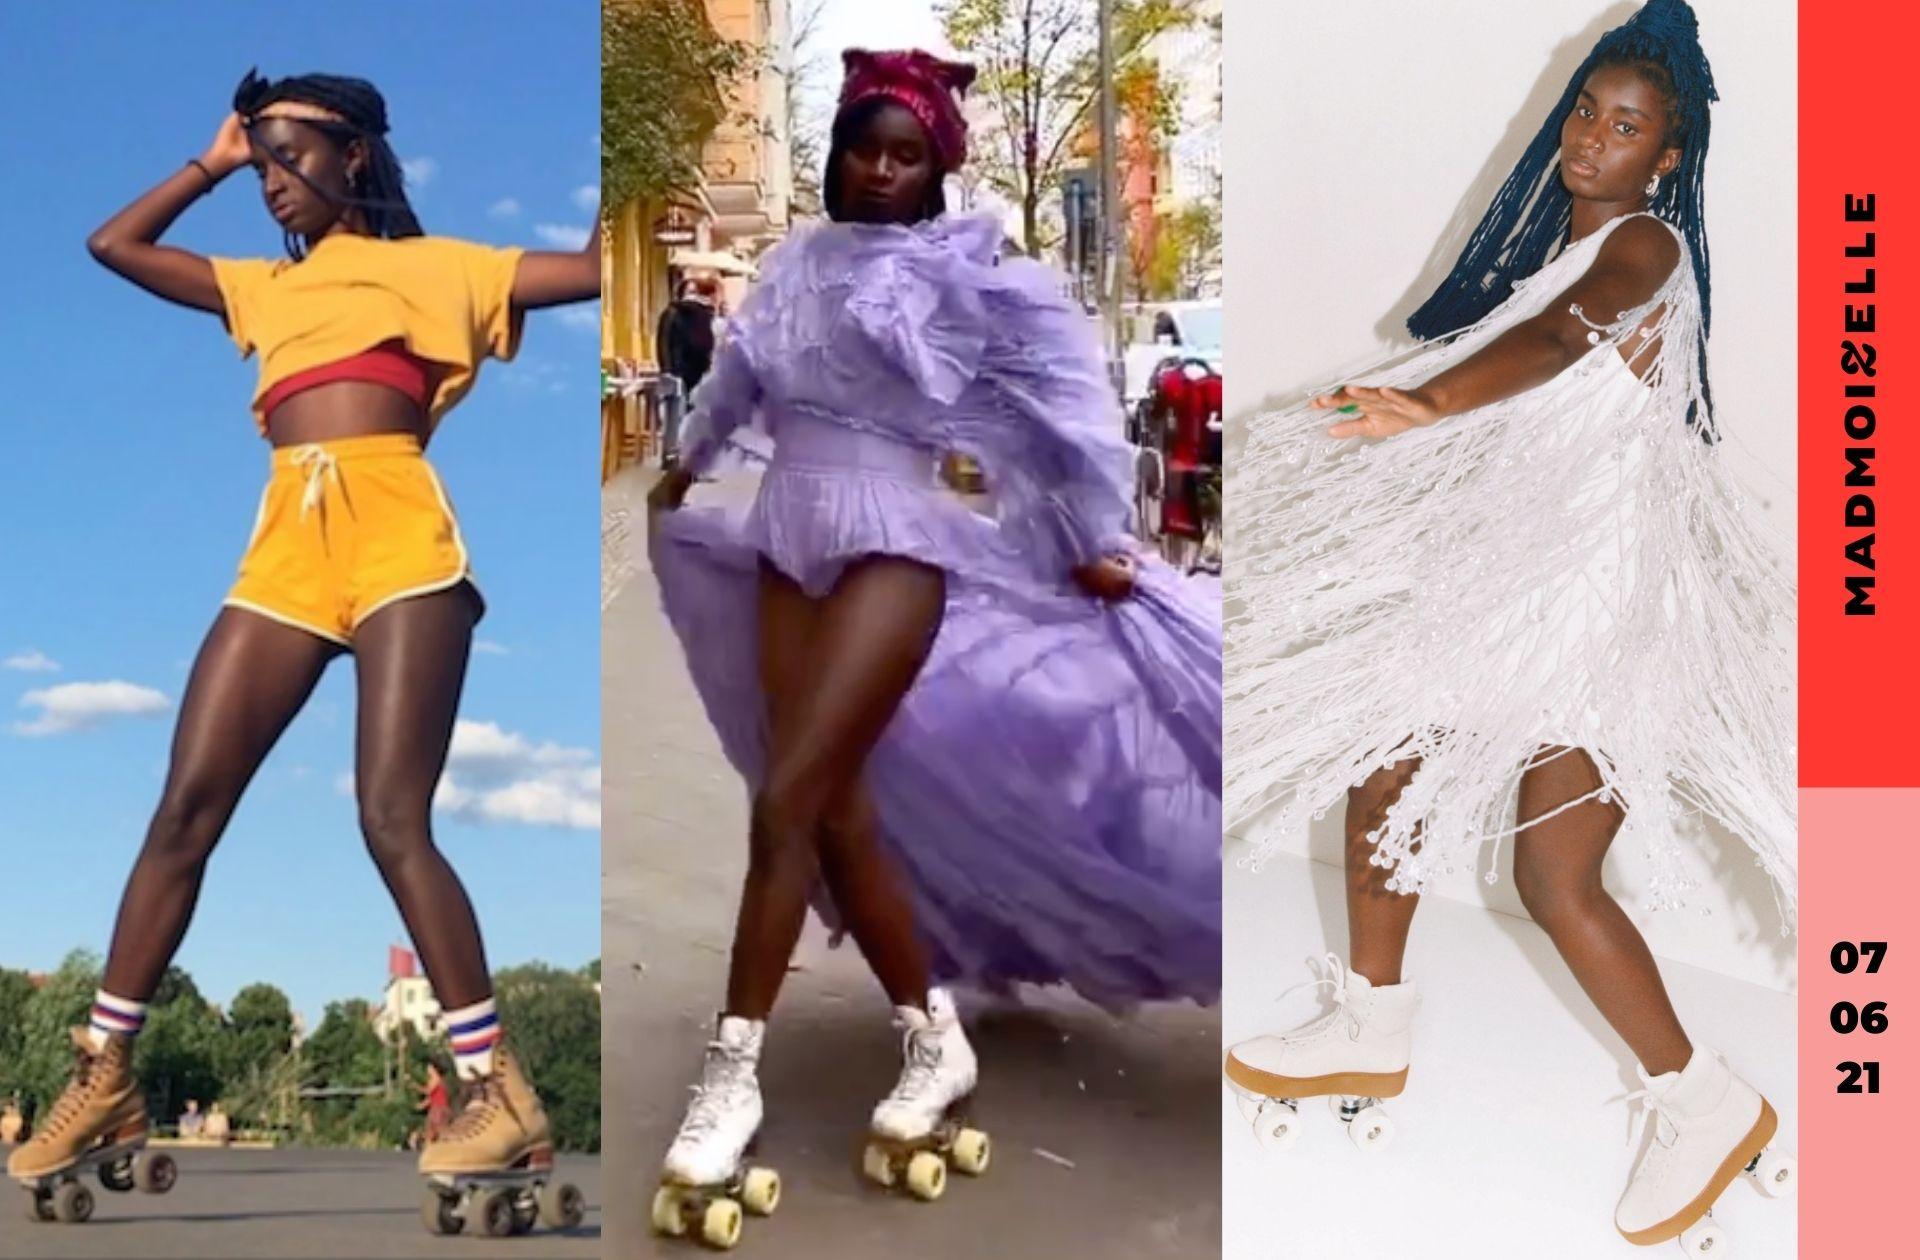 Oumi Janta, la reine du patin à roulettes qui séduit la mode